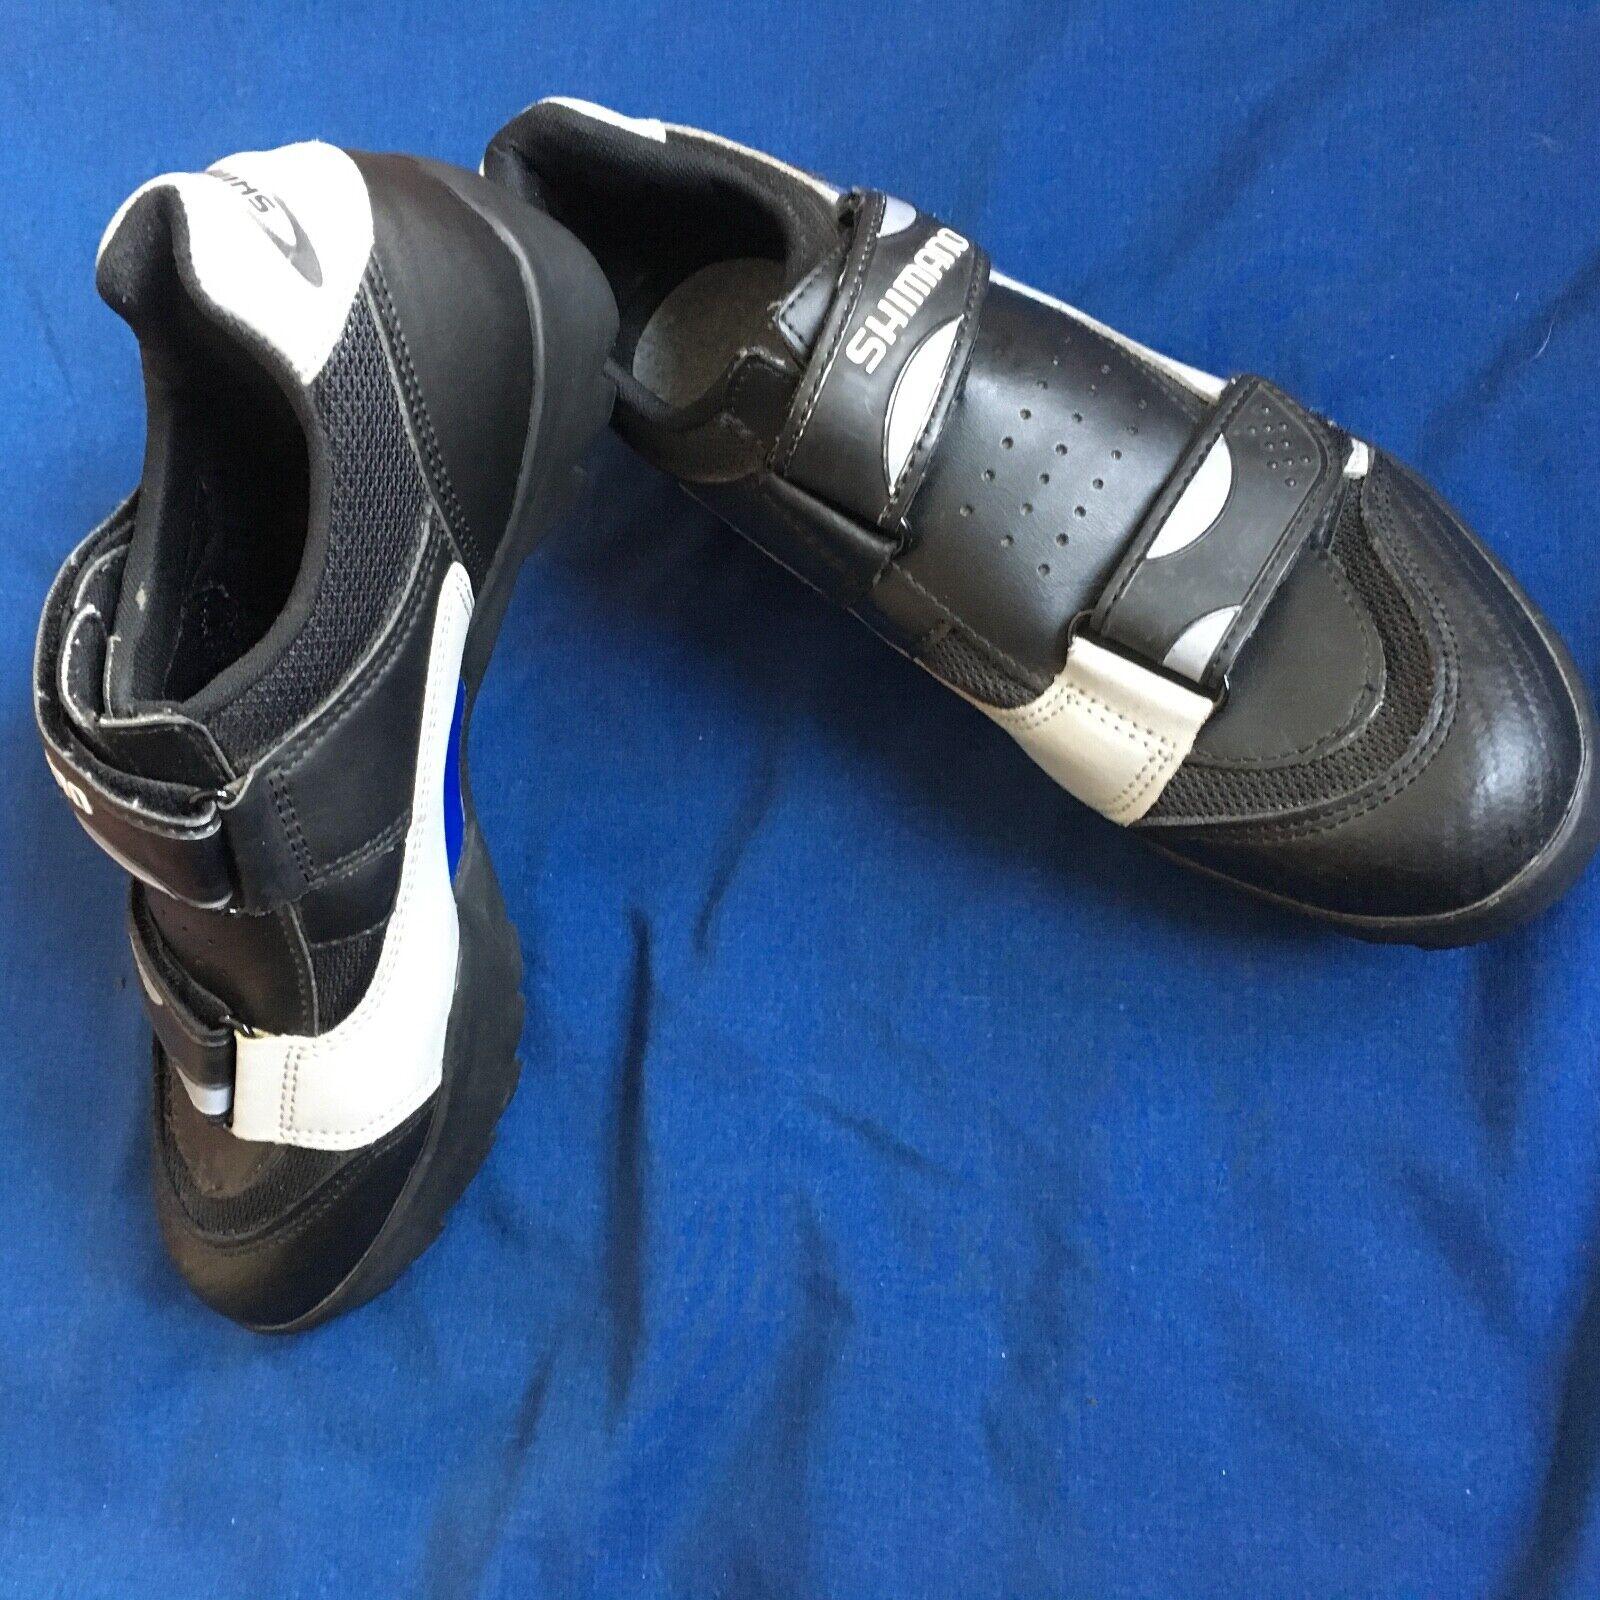 Shimano SH-M070 SPD  Cycling   Biking shoes Men's 9 (Euro 43) Excellent  fashion